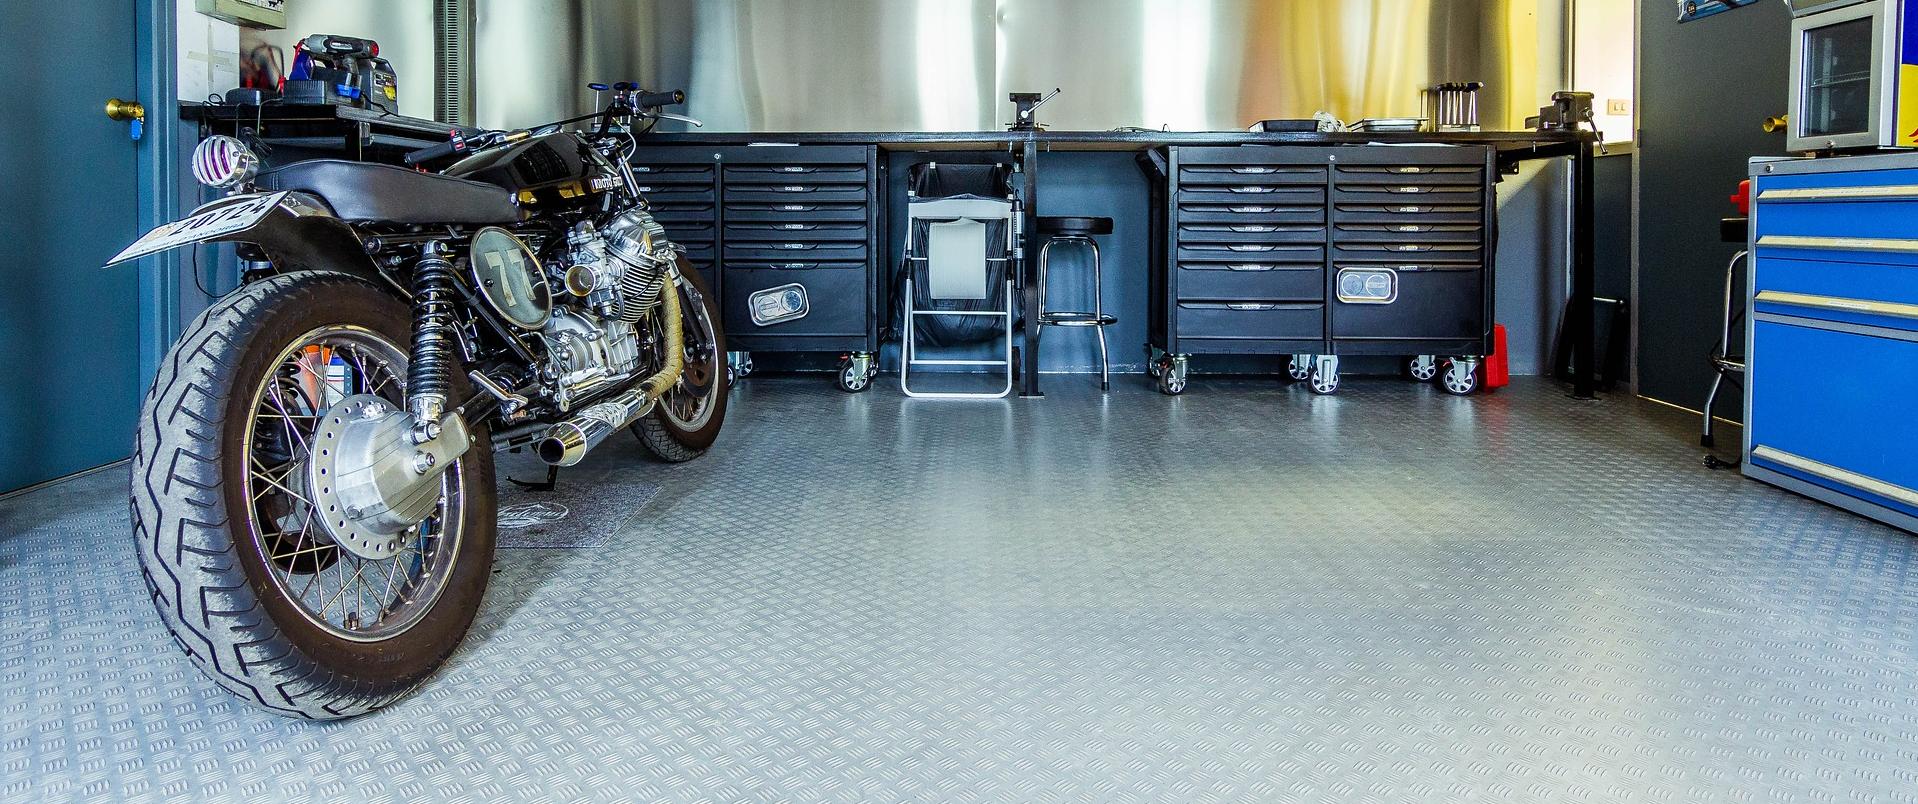 motor op betonvloer garage